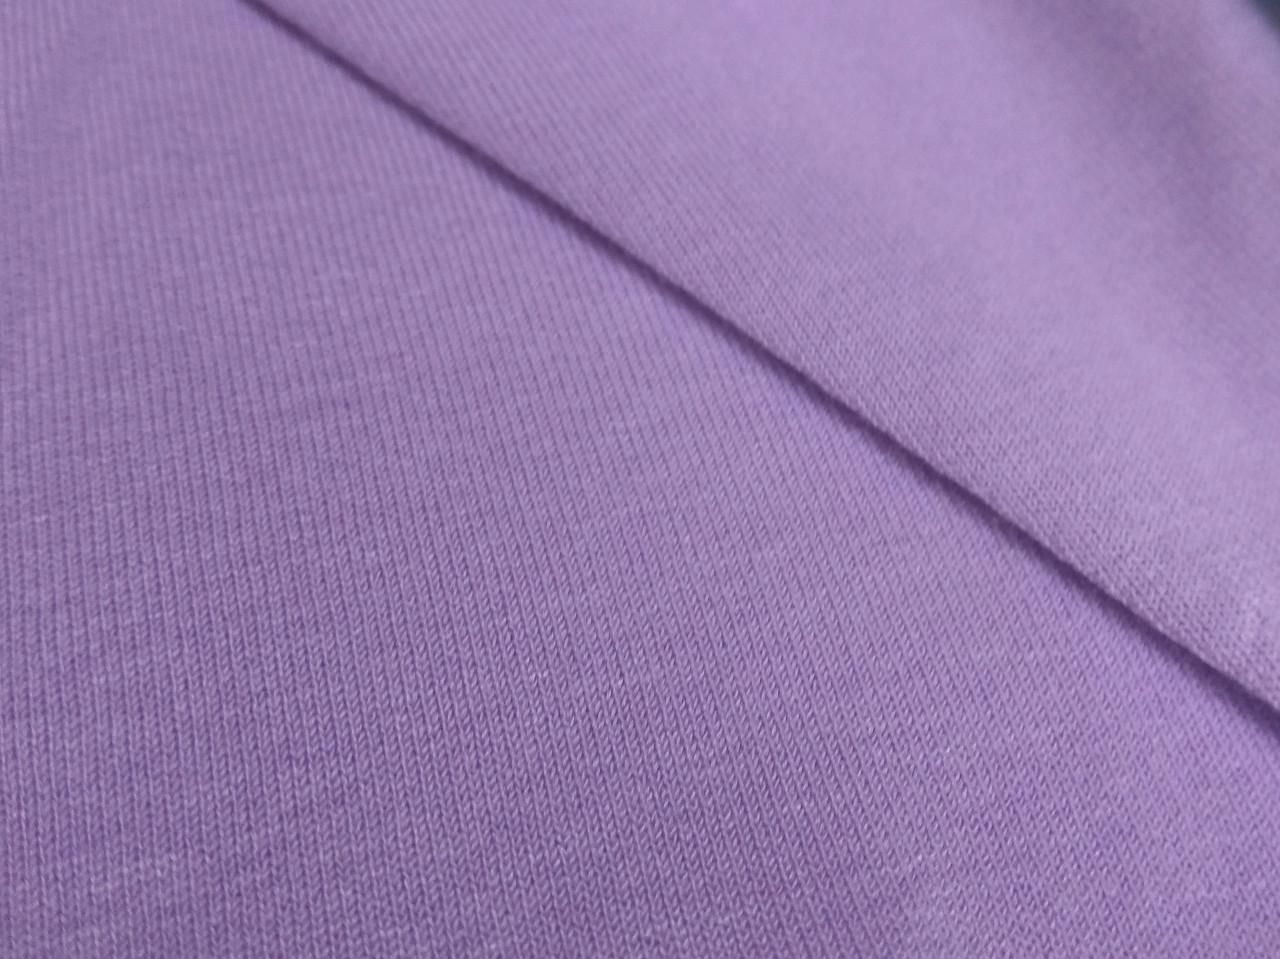 Вискозный трикотаж джерси, лиловый